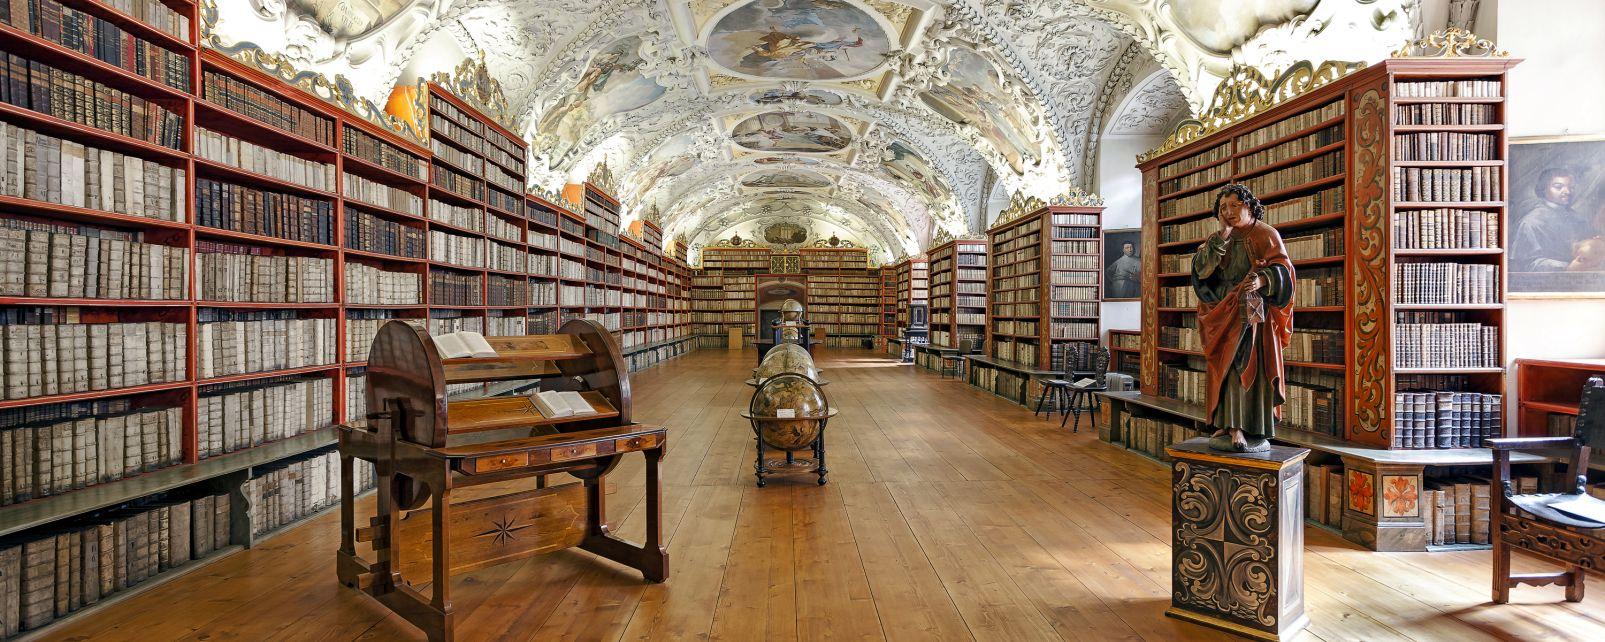 El monasterio de Strahov, Los monumentos, Praga, República Checa